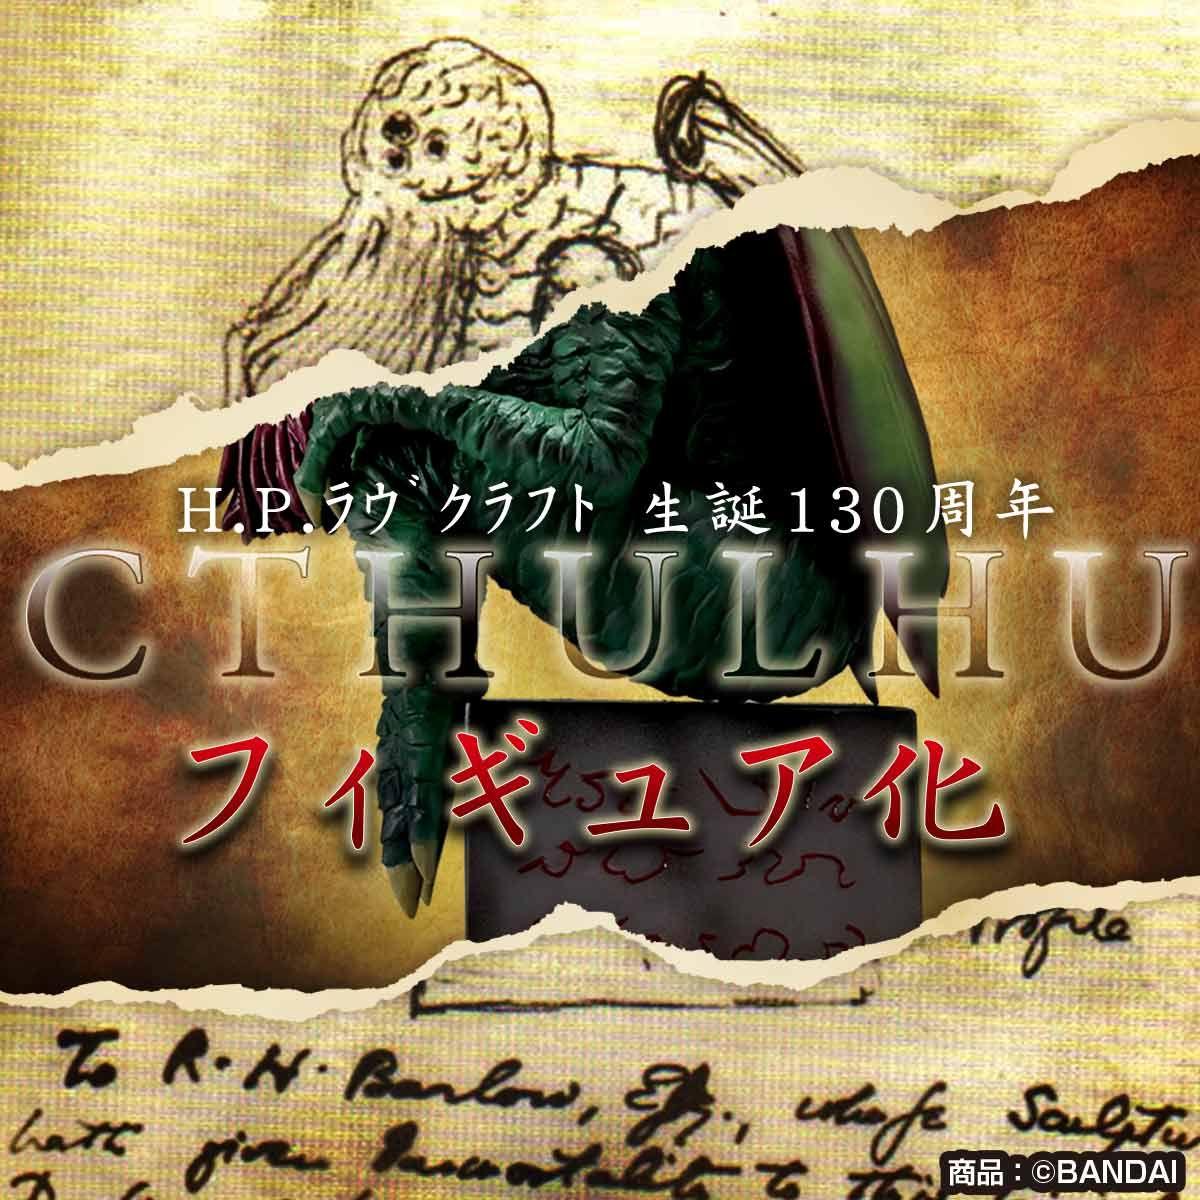 【限定販売】クトゥルフ神話『H.P.ラヴクラフトのCTHULHU』完成品フィギュア-001